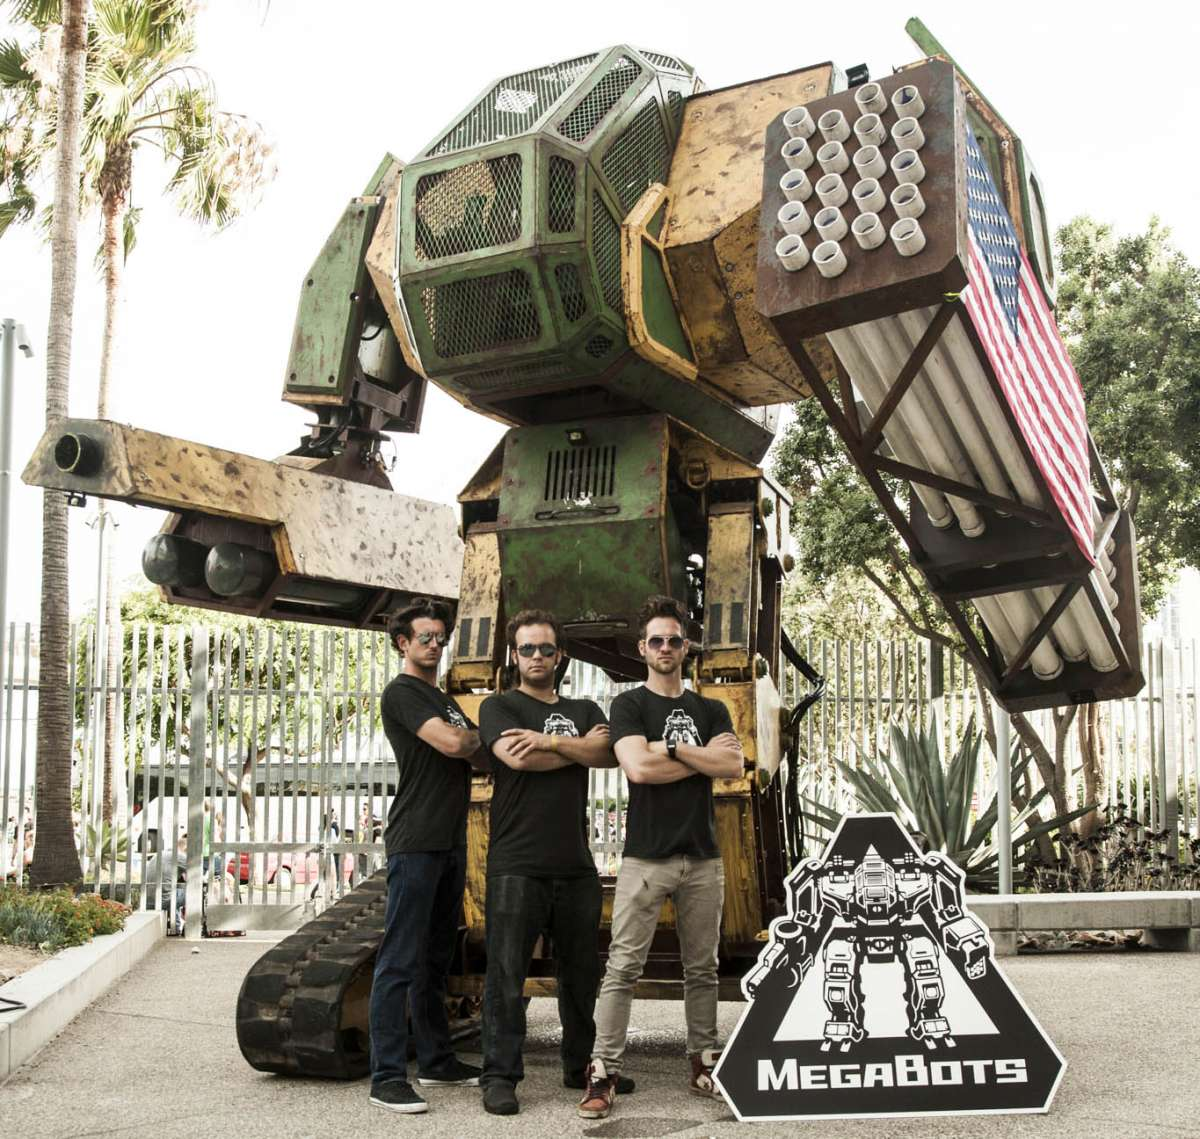 Современные роботы! Реалистичность зашкаливает!